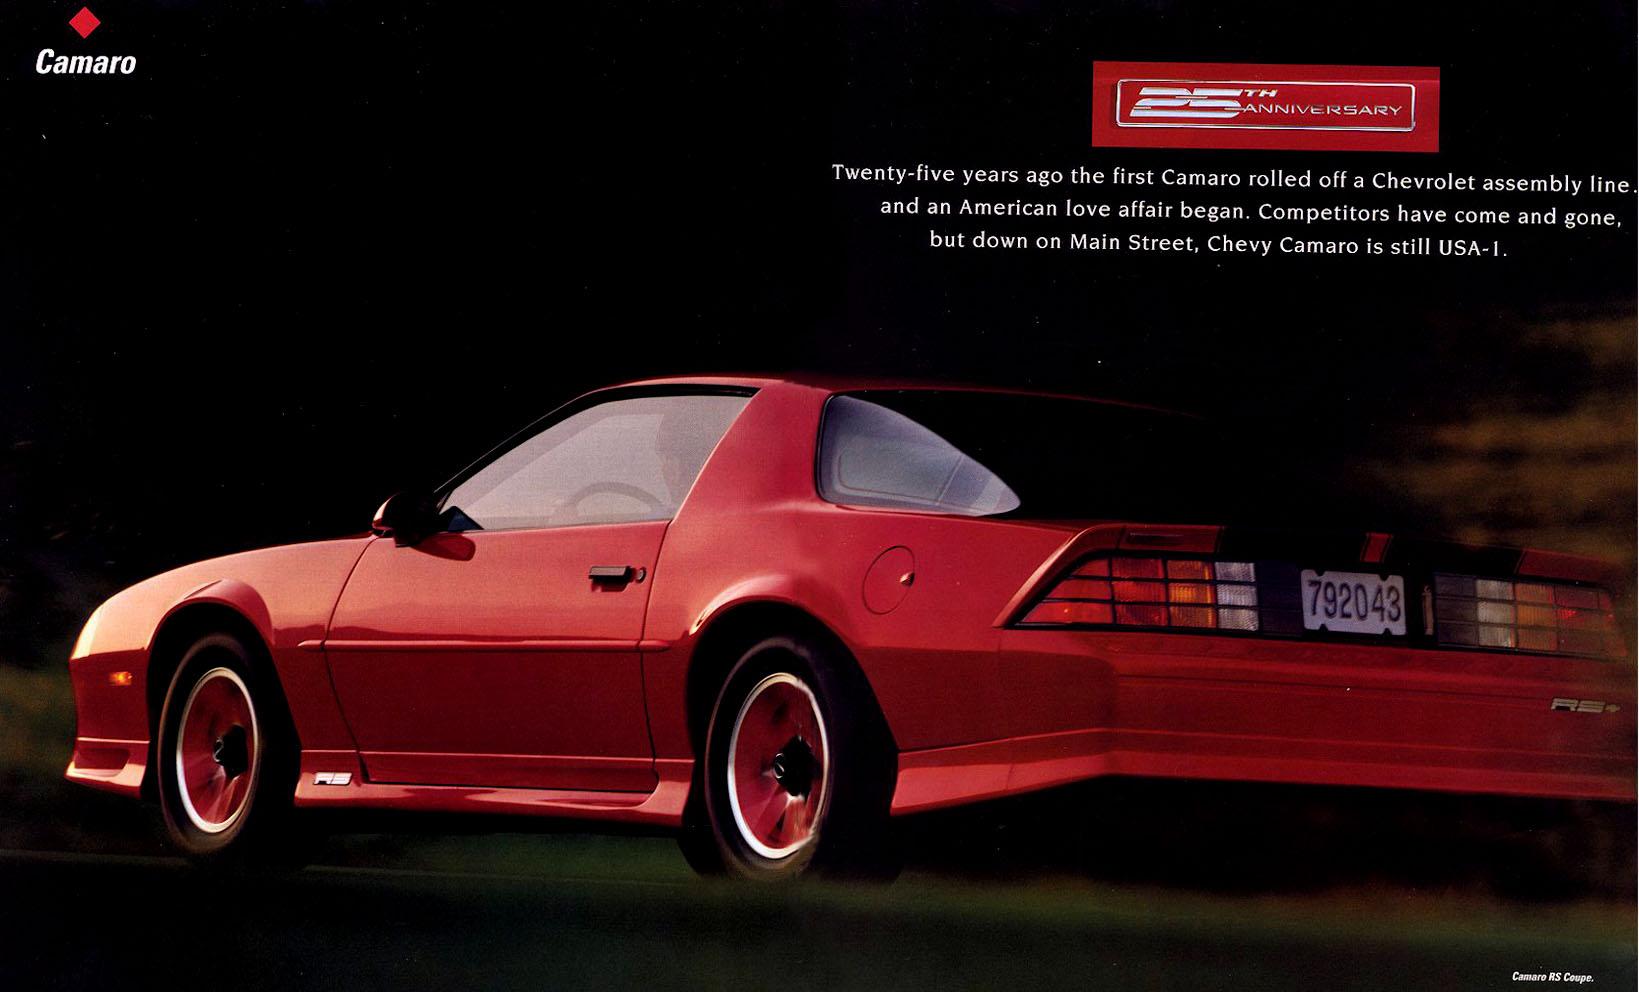 1992 Camaro Ad (1)